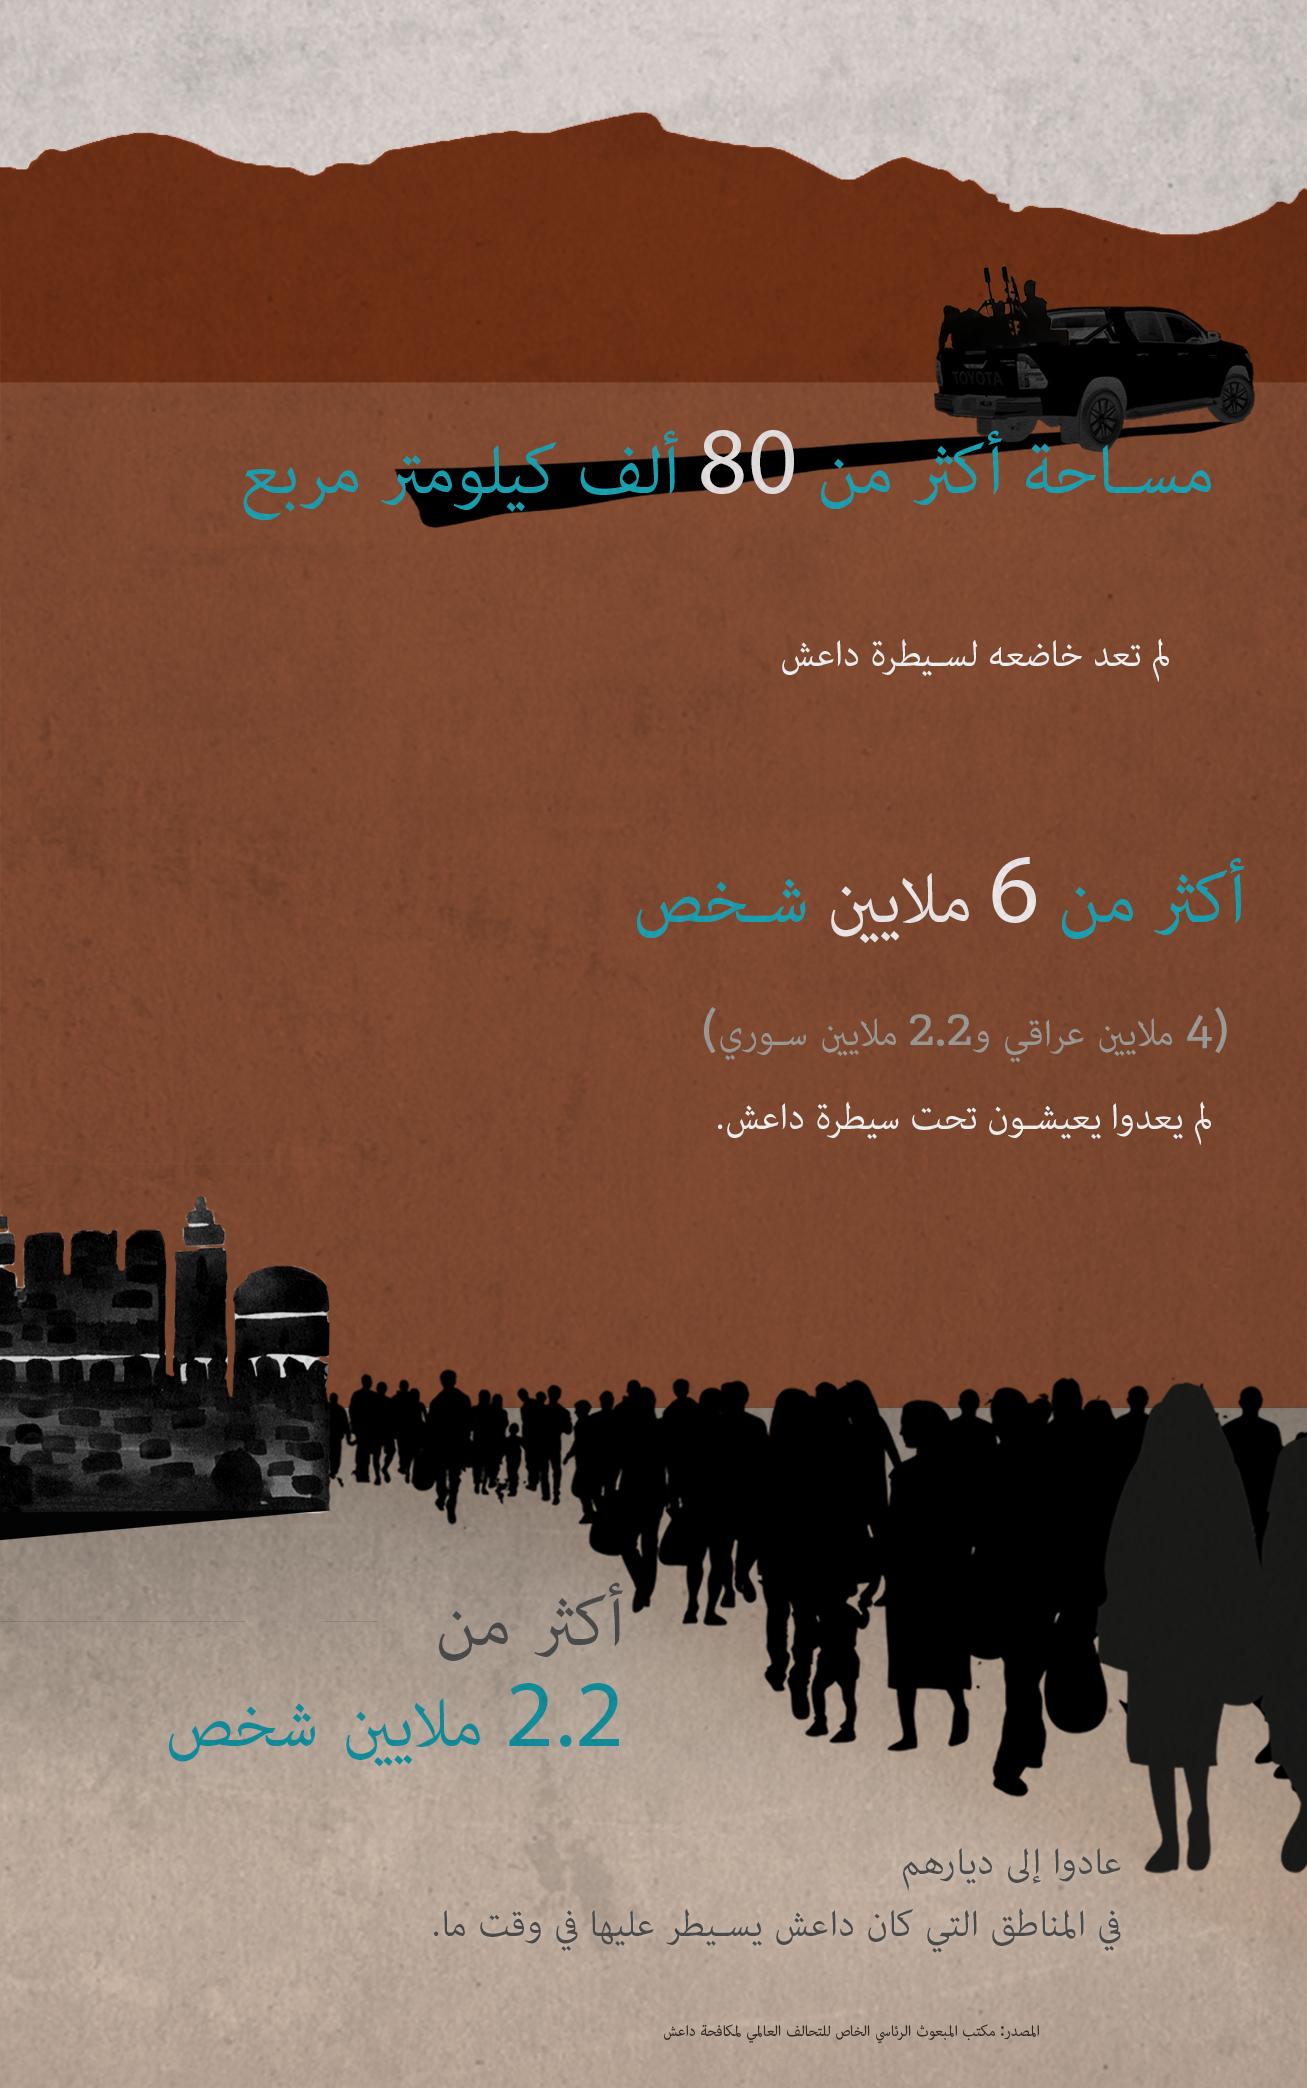 رسم بياني يحتوي على إحصاءات متعلقة بتنظيم داعش (State Dept./Julia Maruszewski)